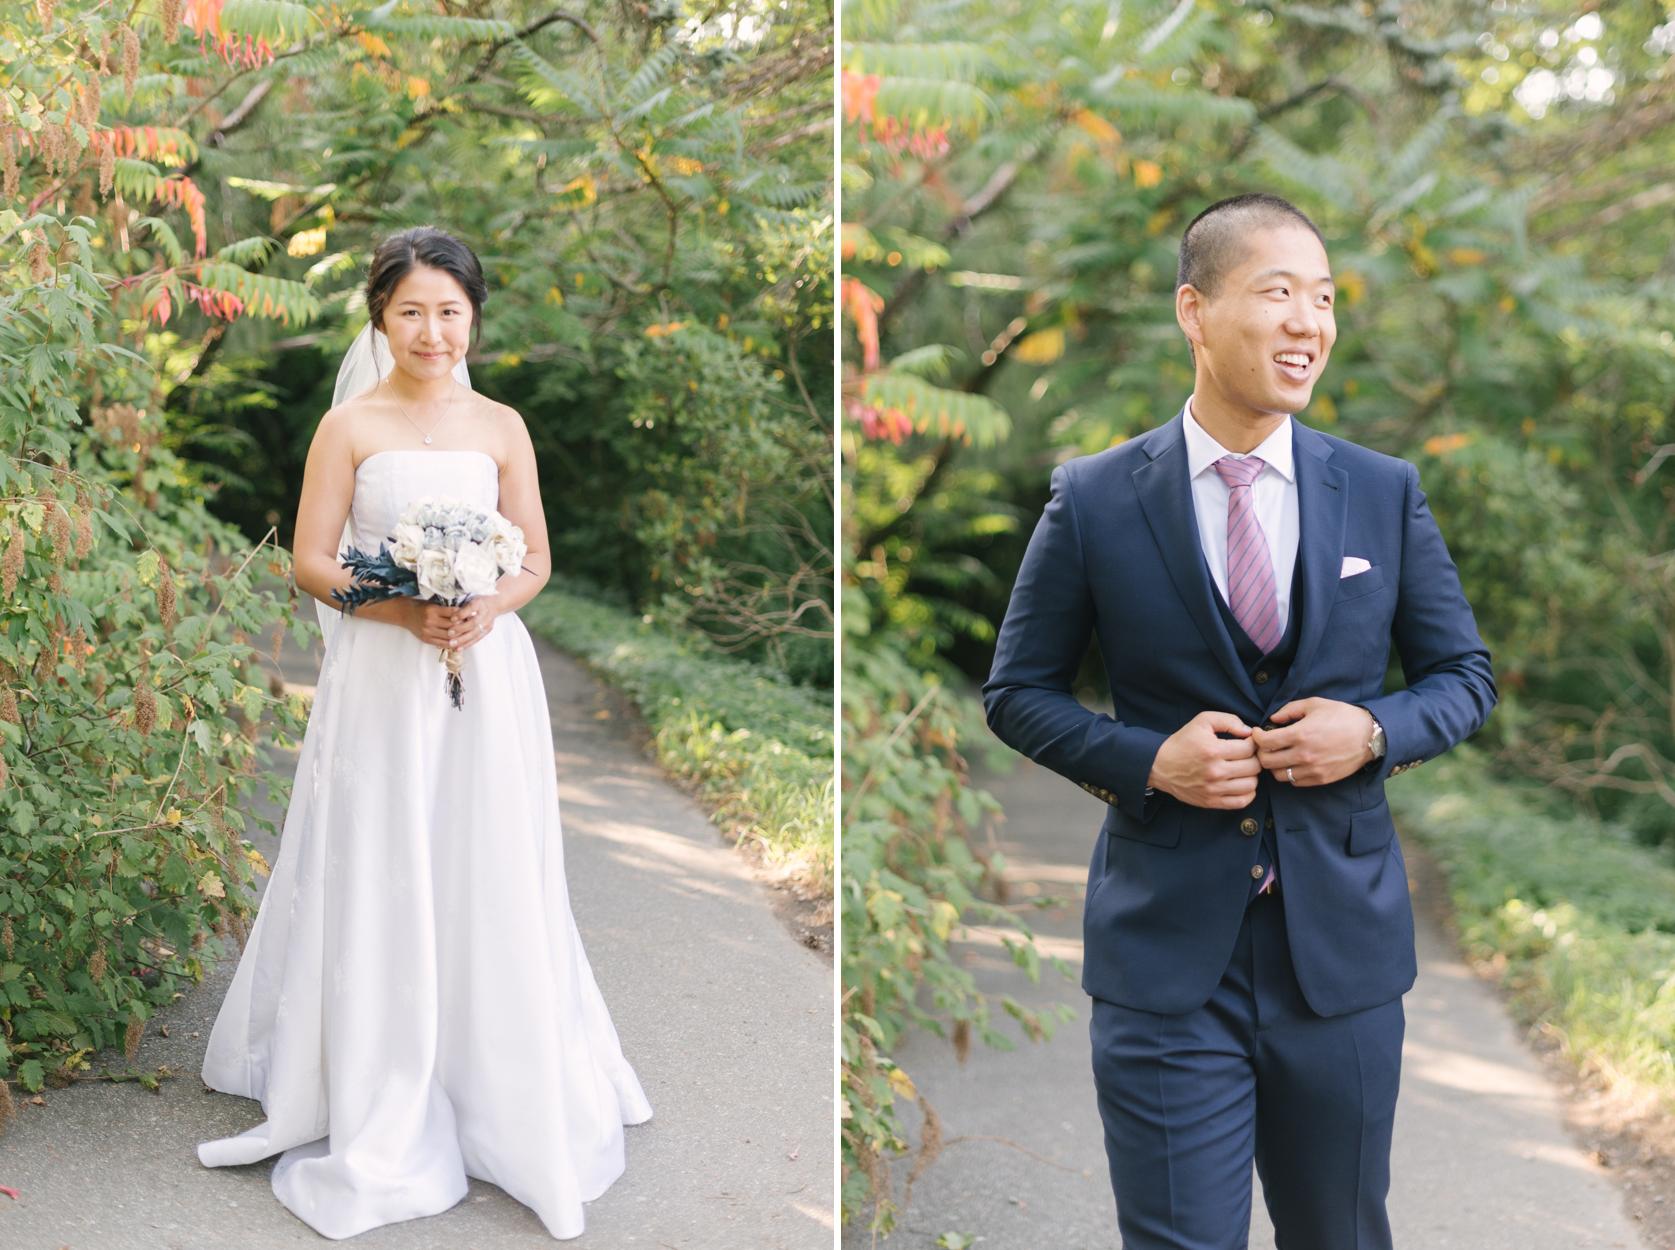 seasons-in-the-park-wedding-44.jpg